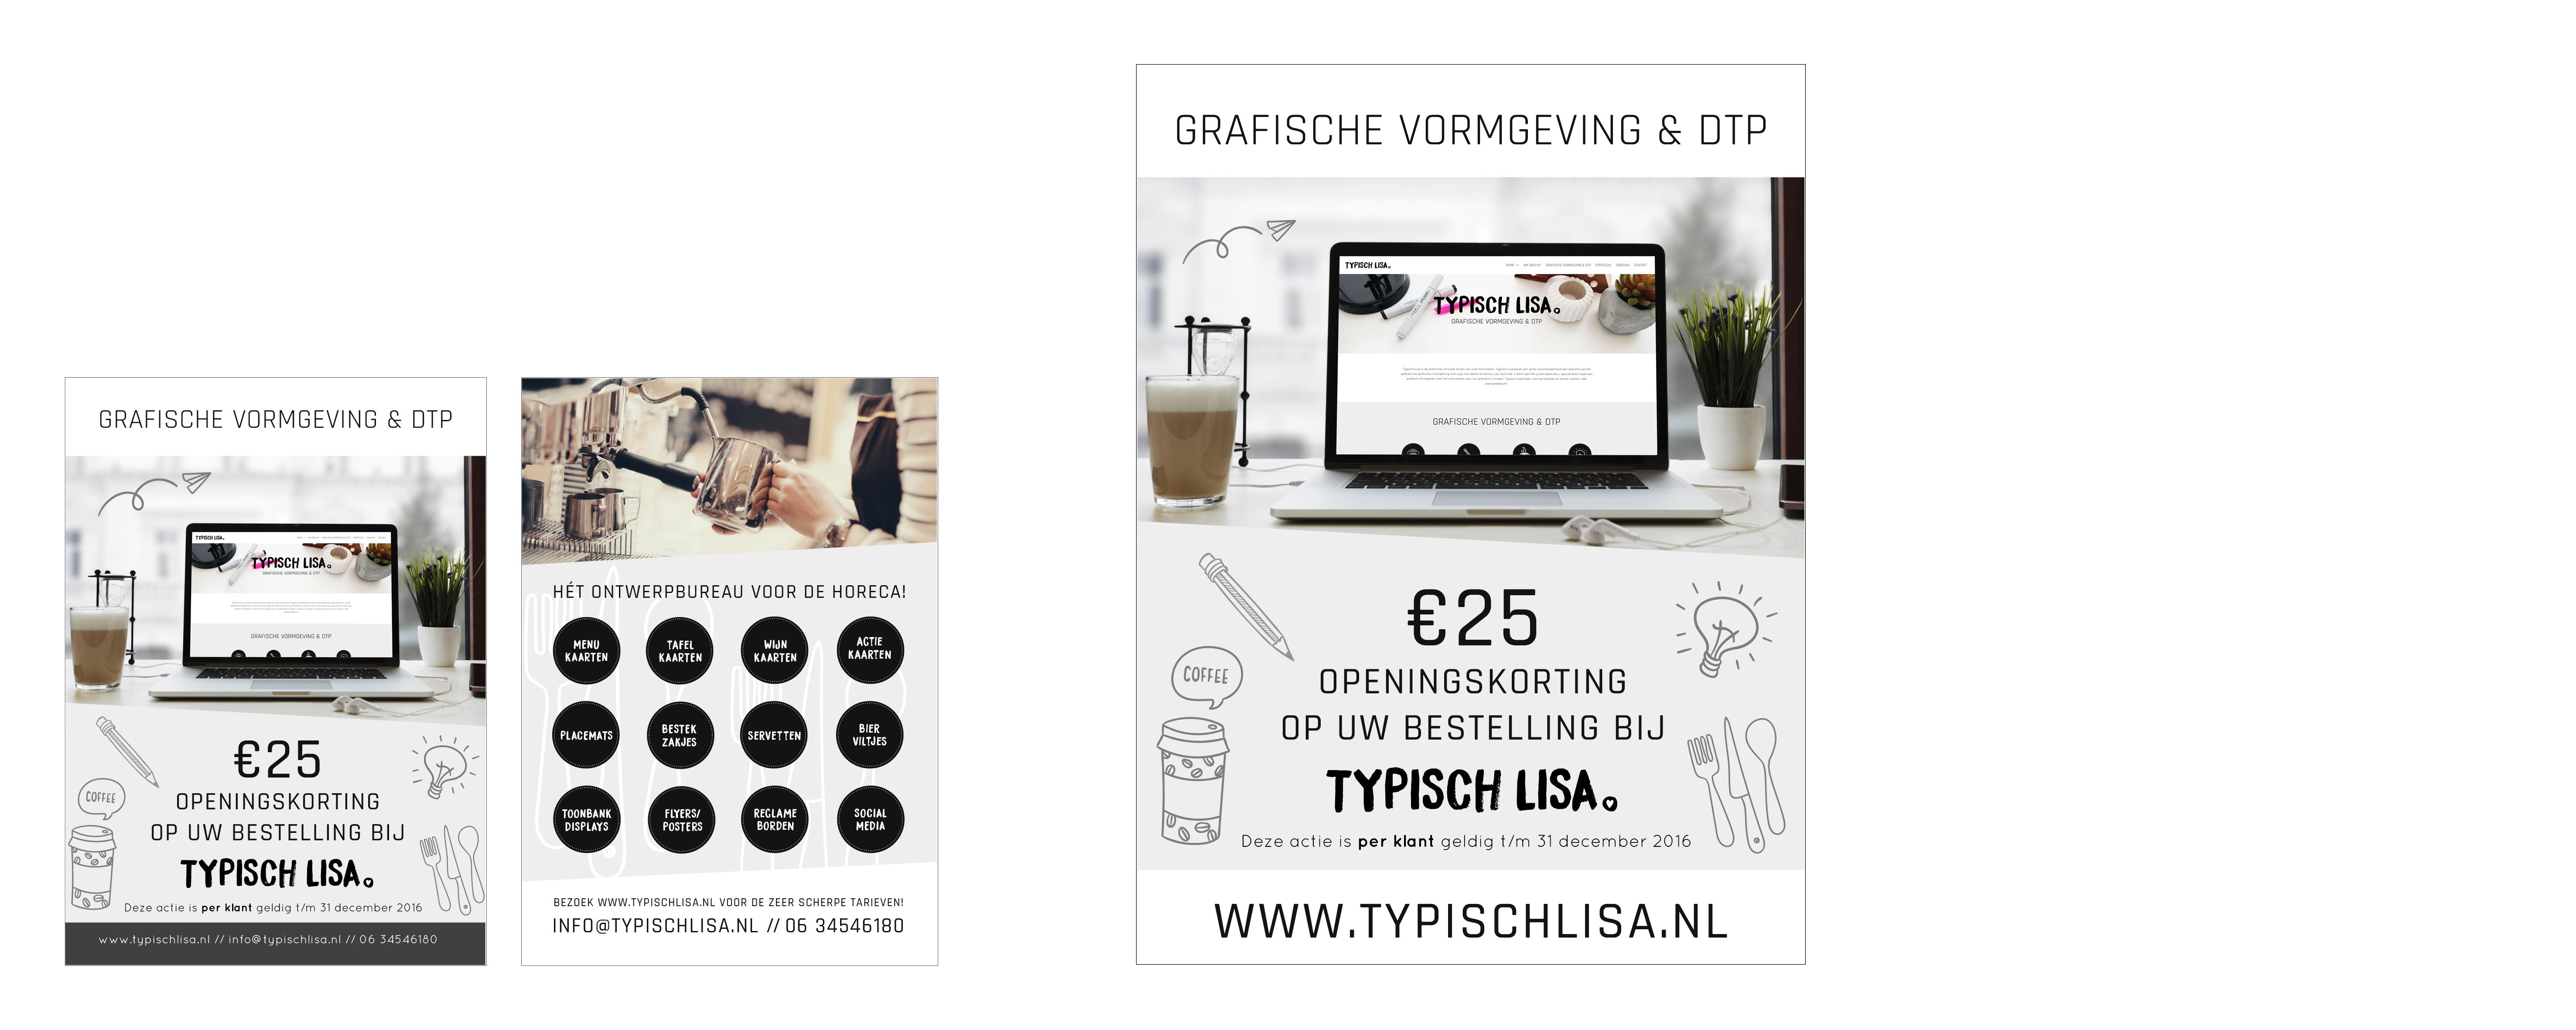 grafische vormgeving & DTP